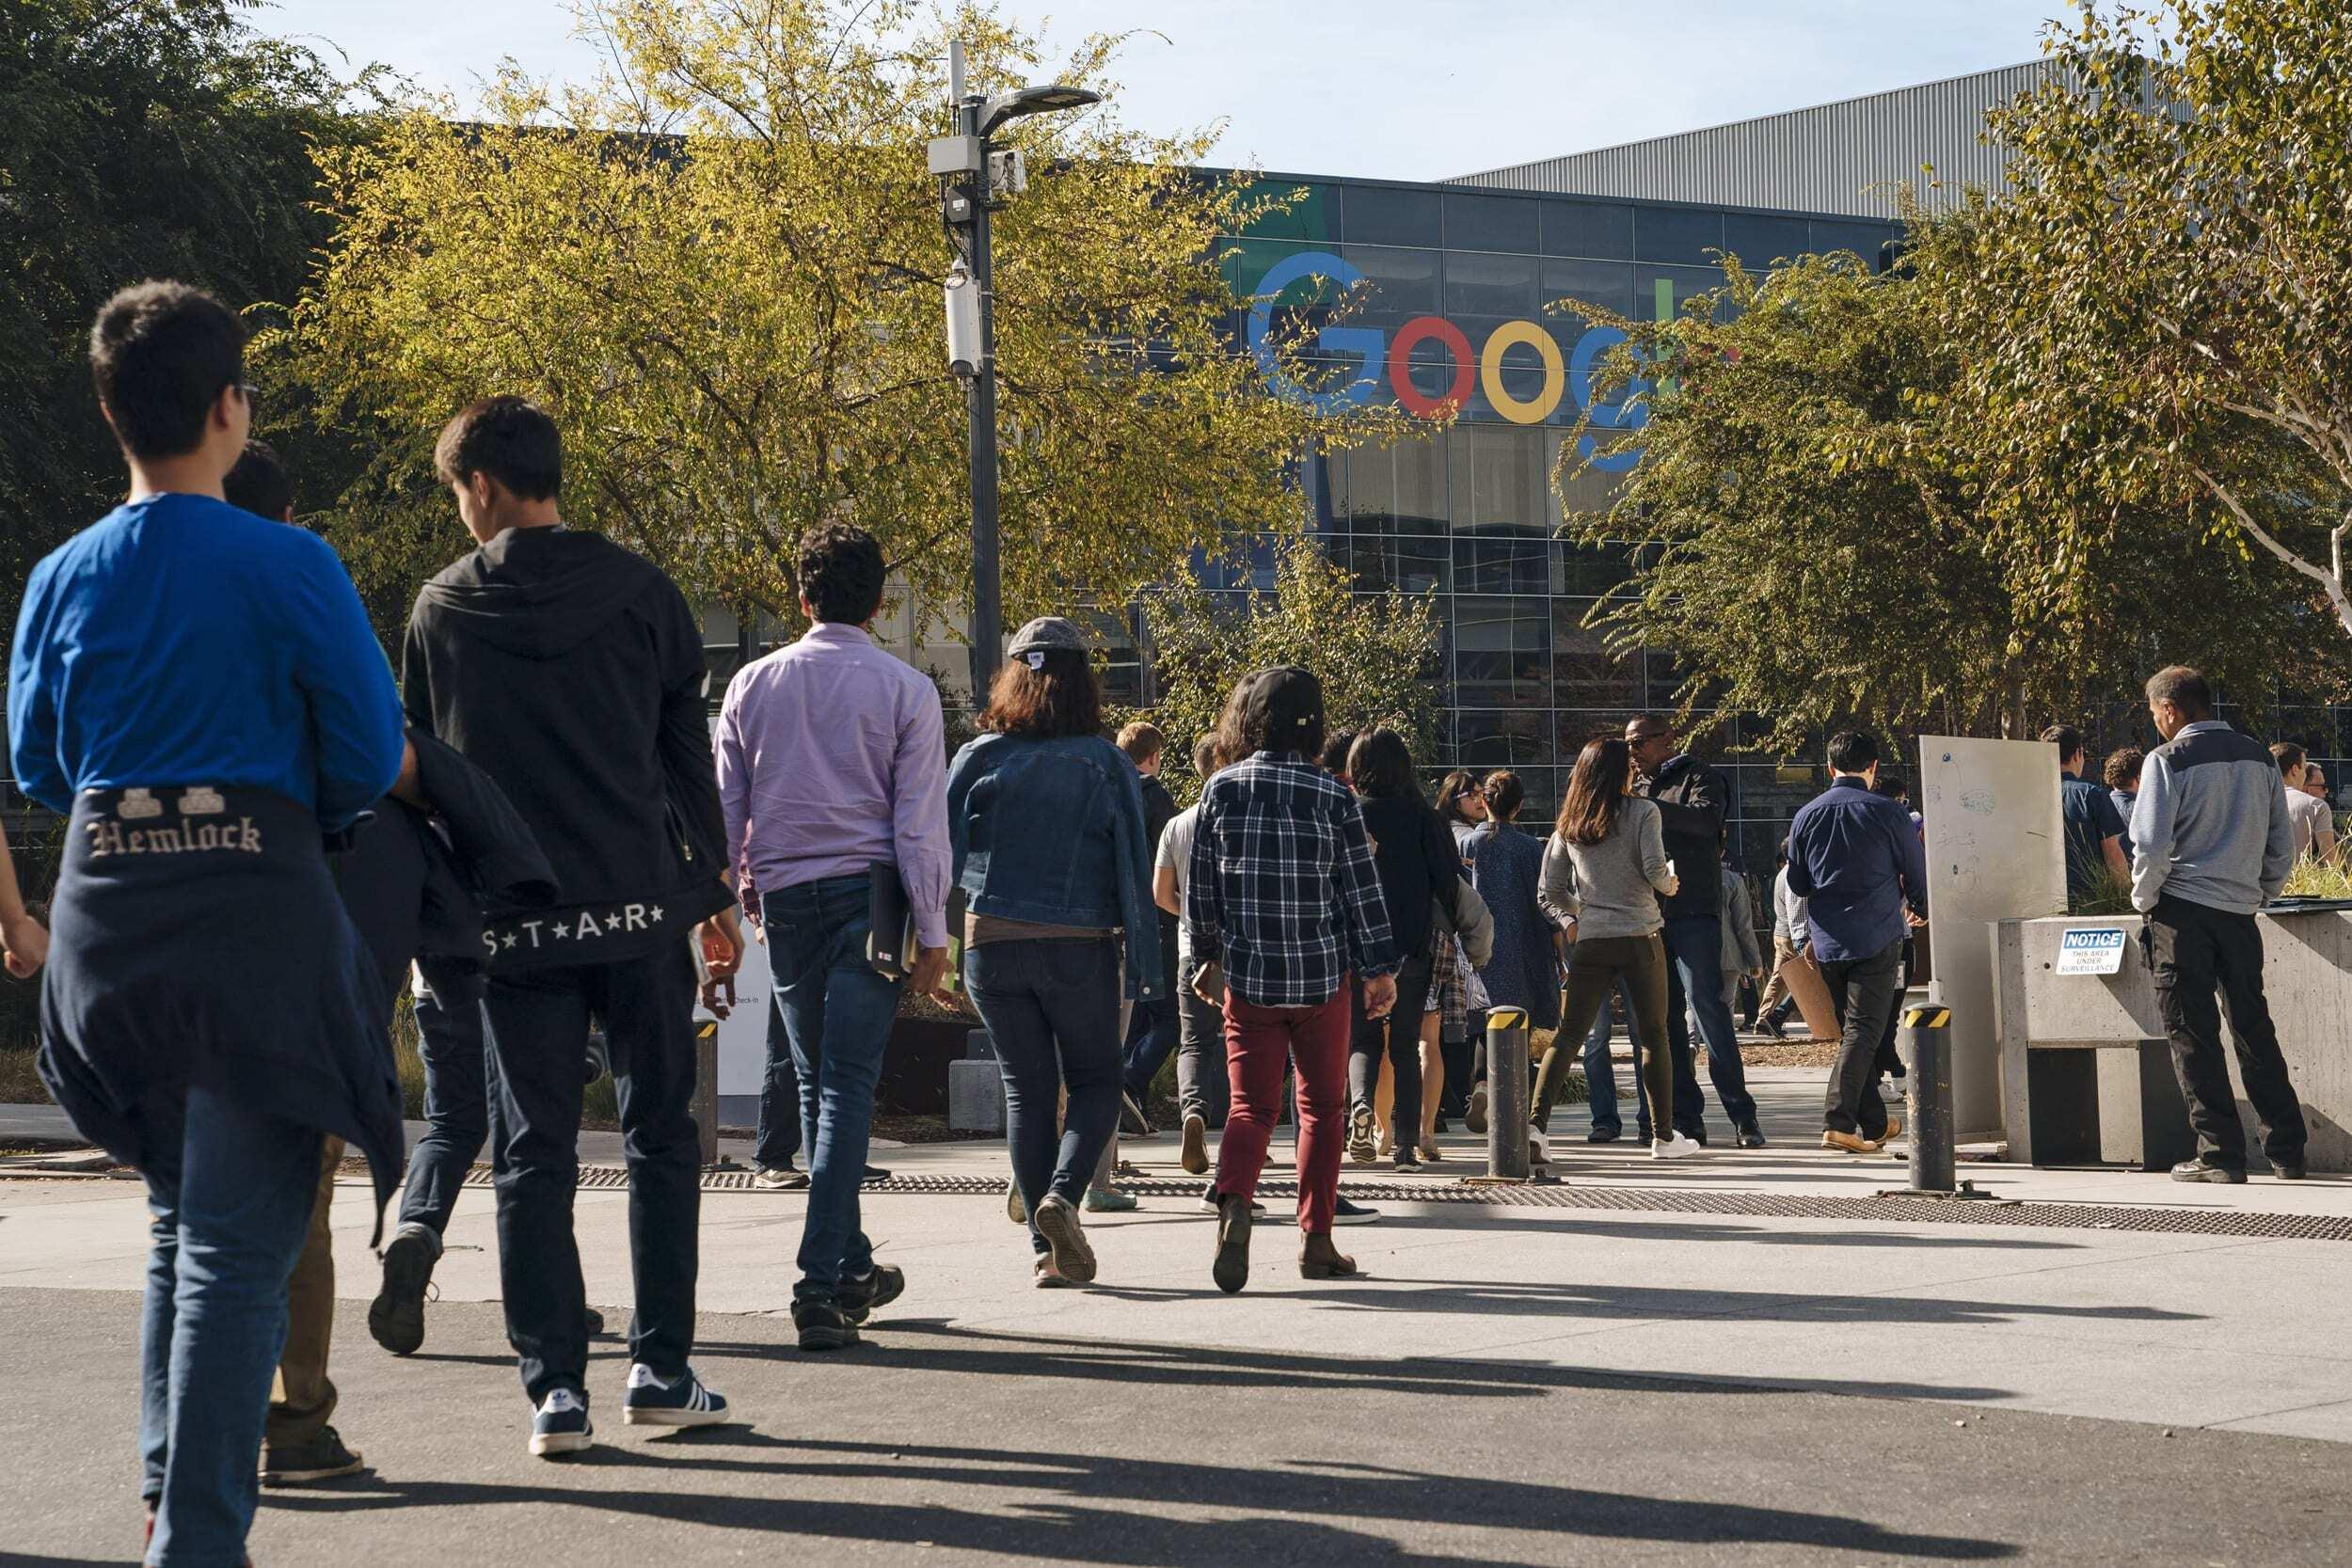 تاسیس اتحادیهای رسمی برای کارکنان گوگل